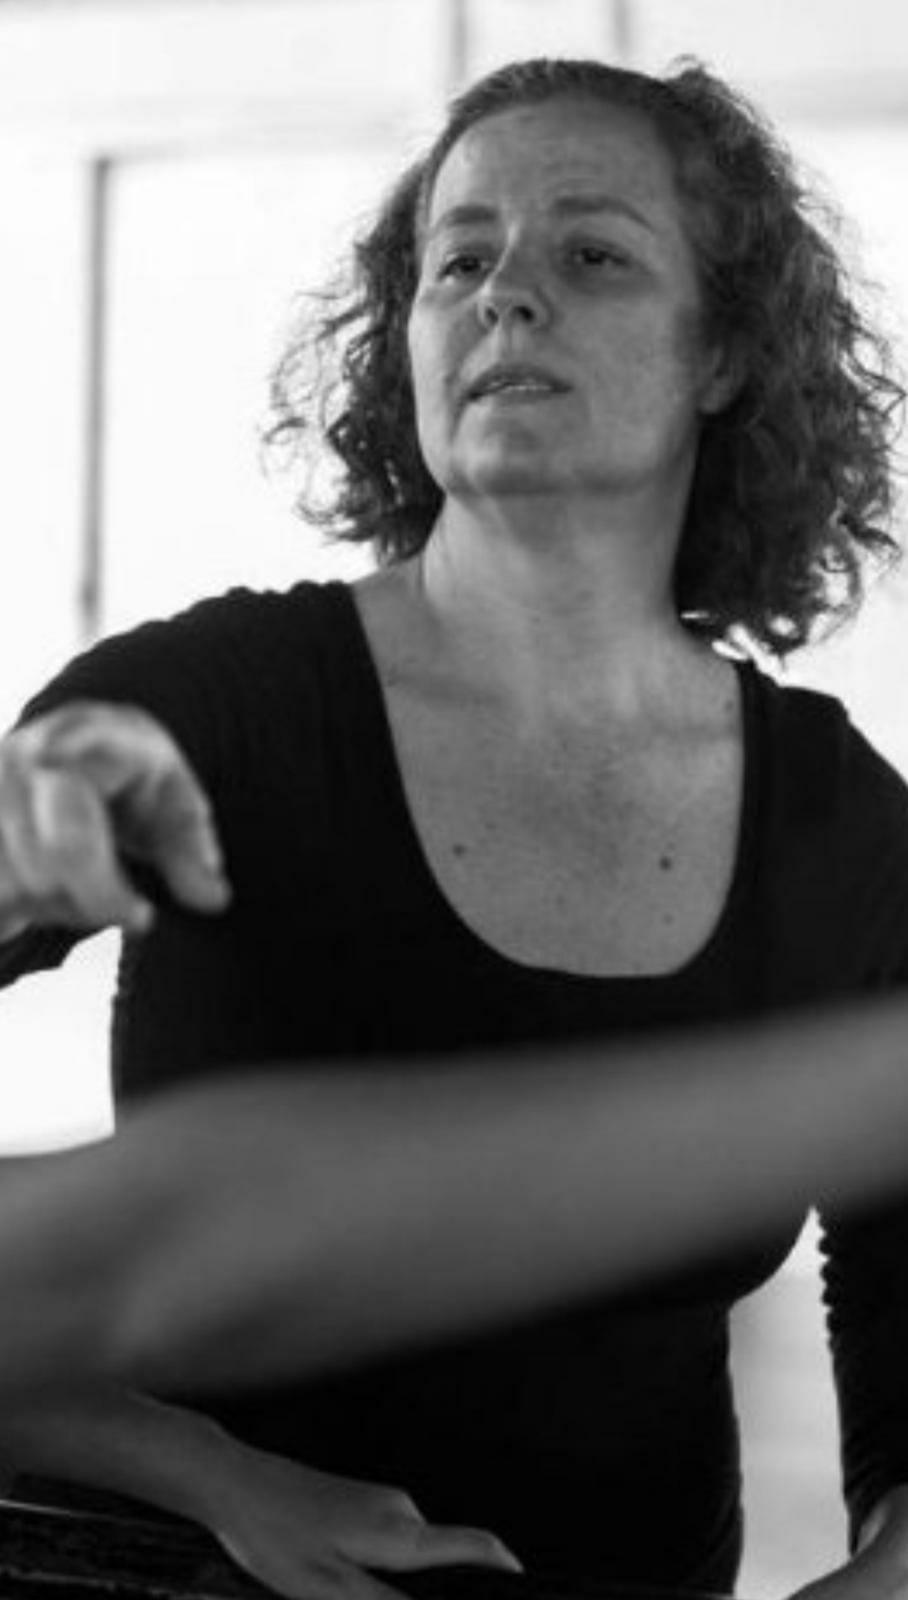 Laura Fiorucci